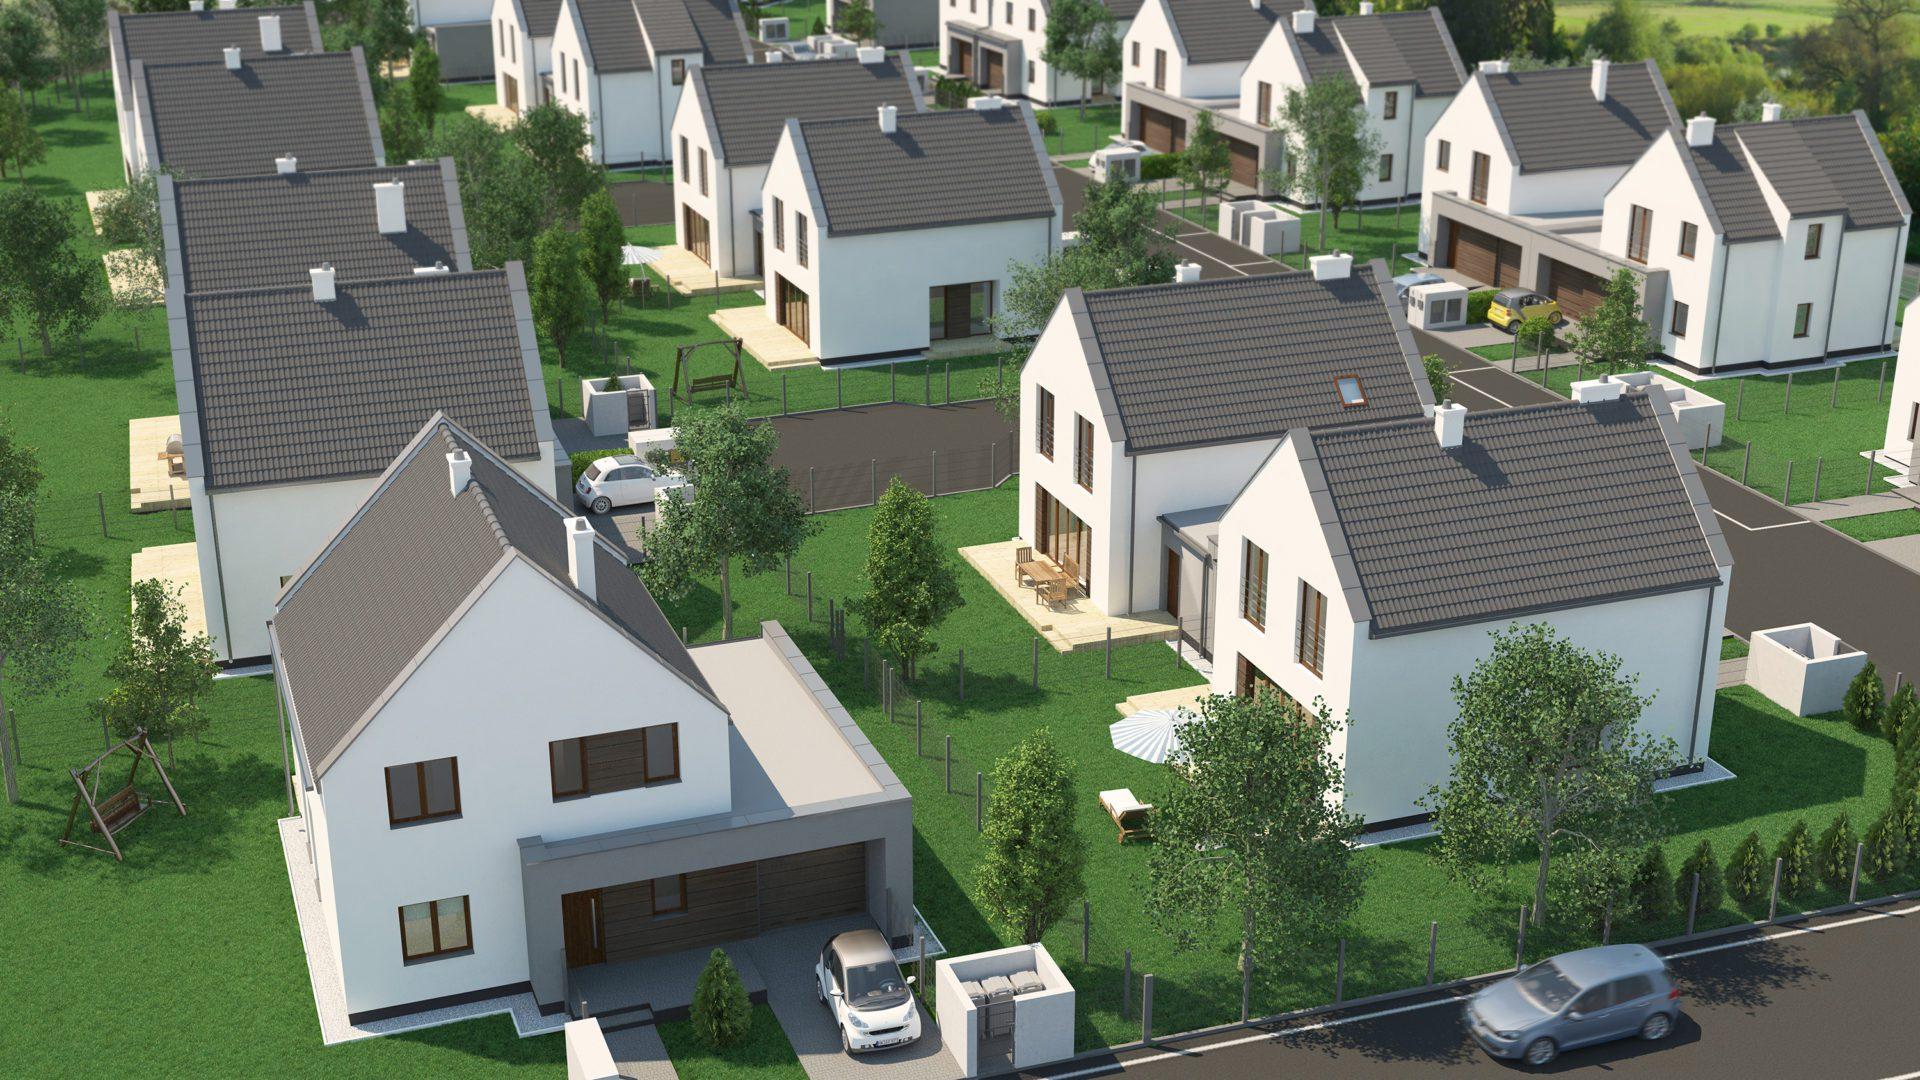 wizualizacja domów bliźniaczych